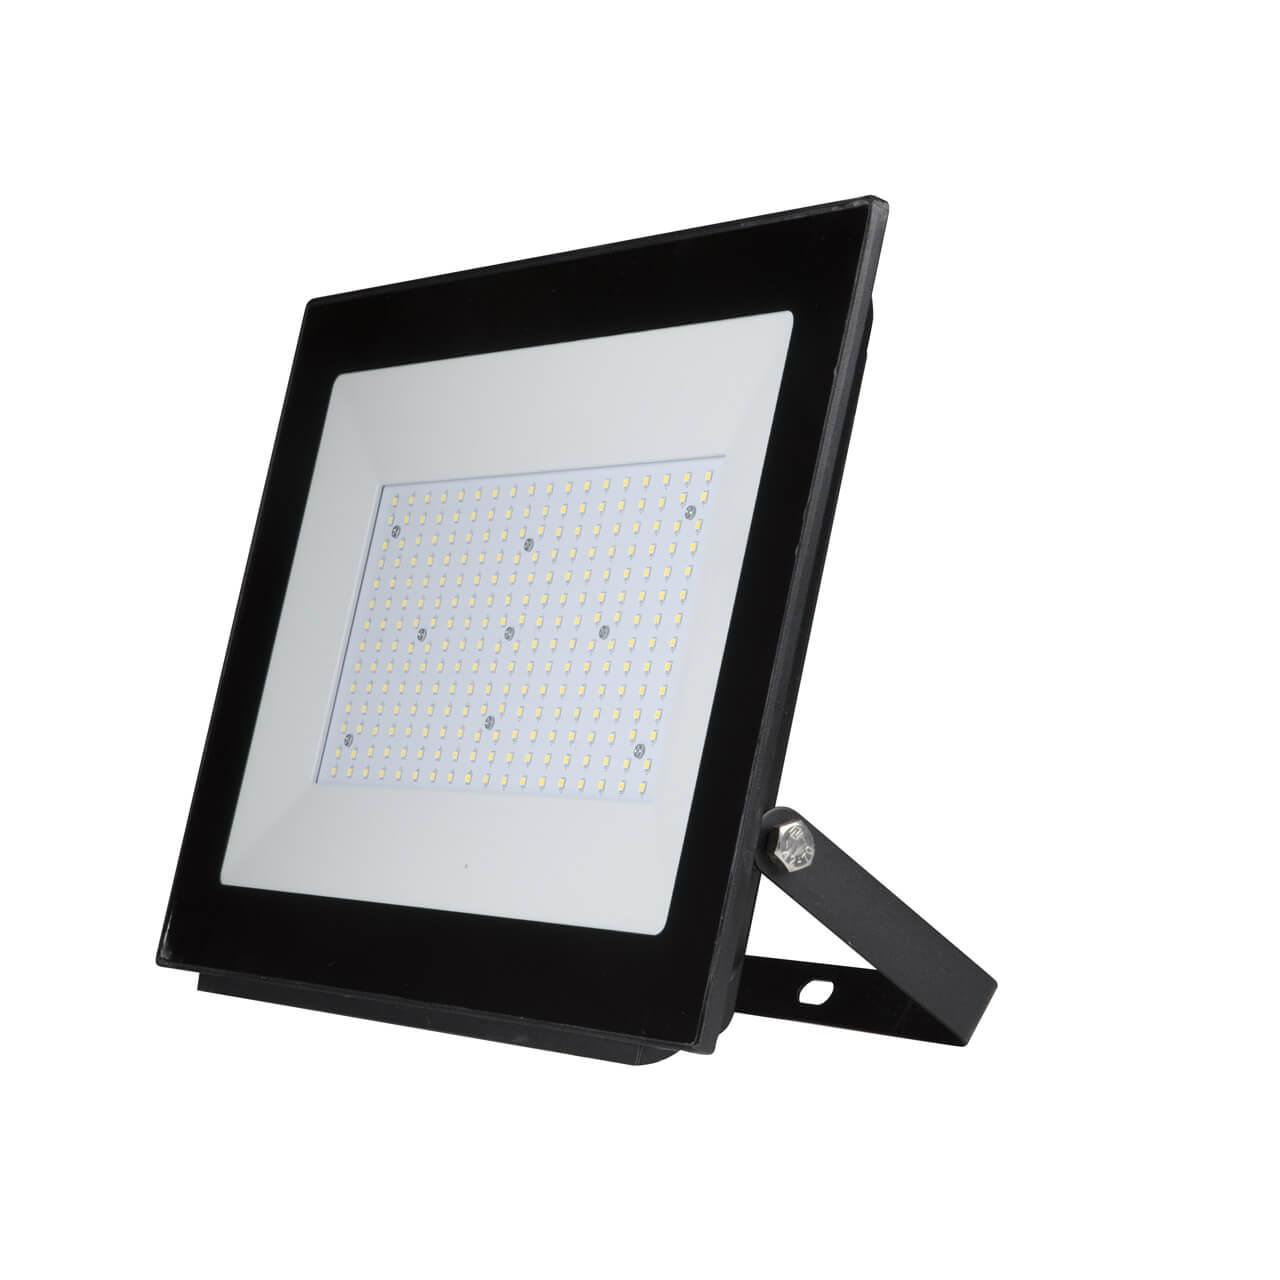 Прожектор Uniel ULF-F20-150W/6500K IP65 195-250В black ULF-F20